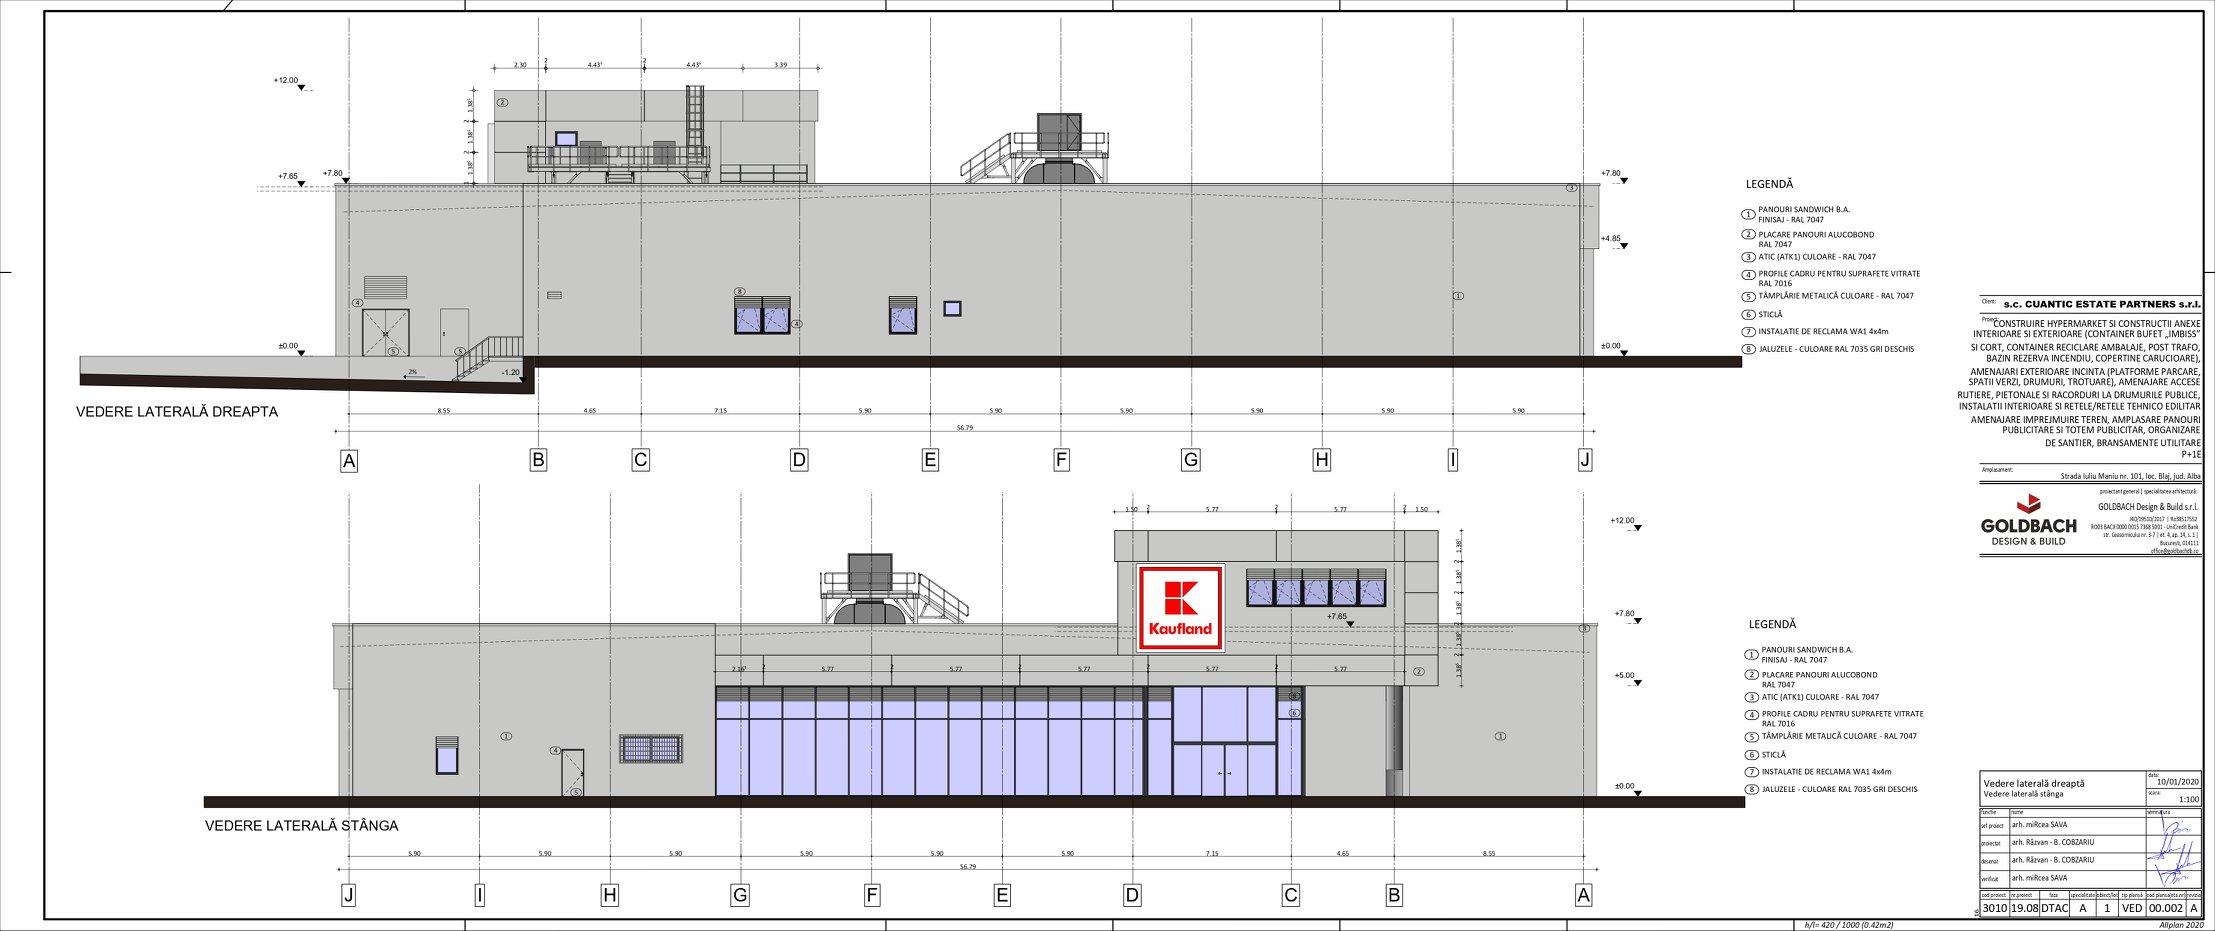 plan lateral kaufland blaj